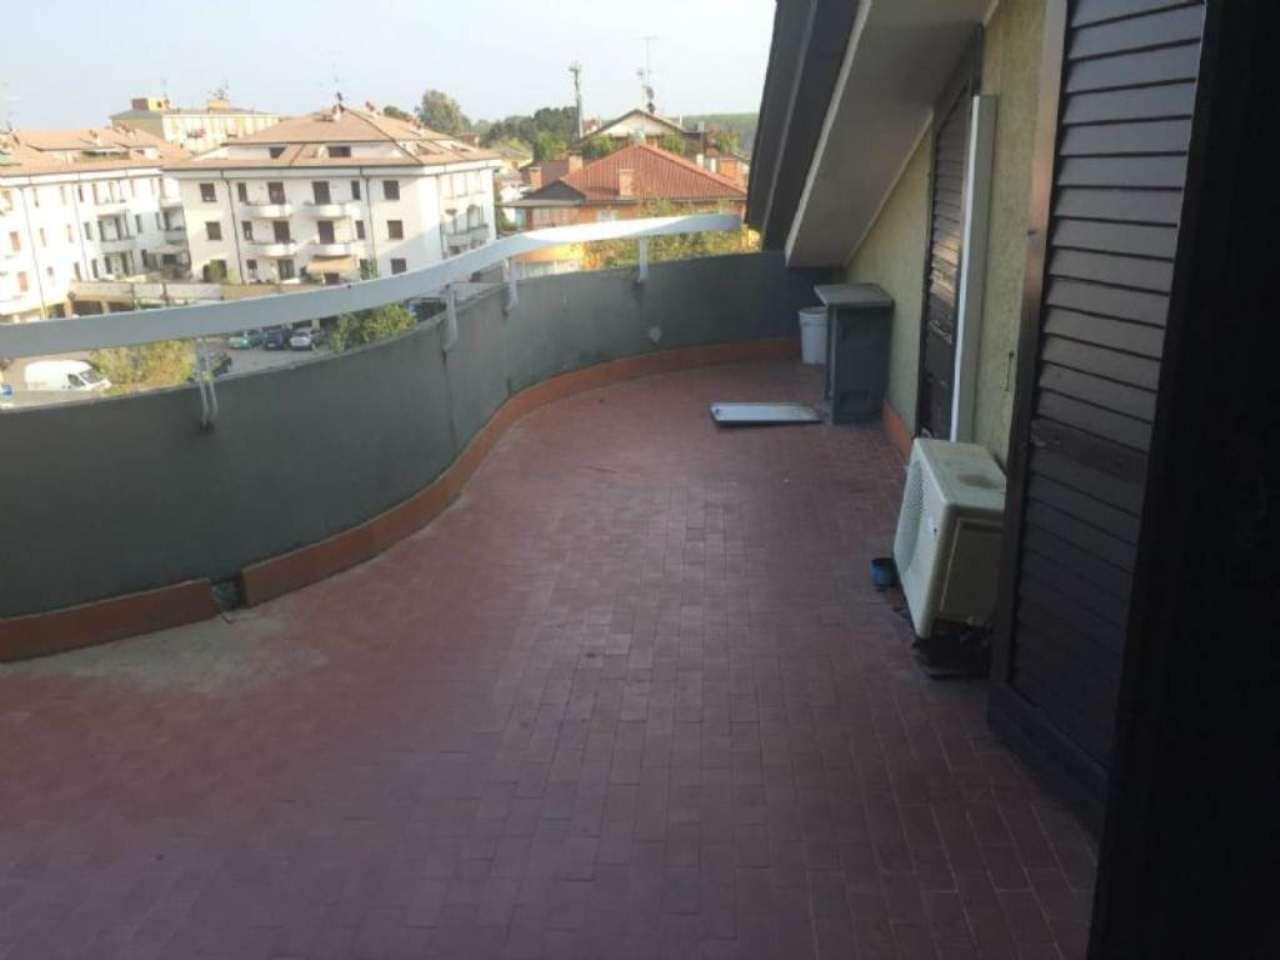 Attico / Mansarda in vendita a Viadana, 3 locali, prezzo € 62.000   Cambio Casa.it